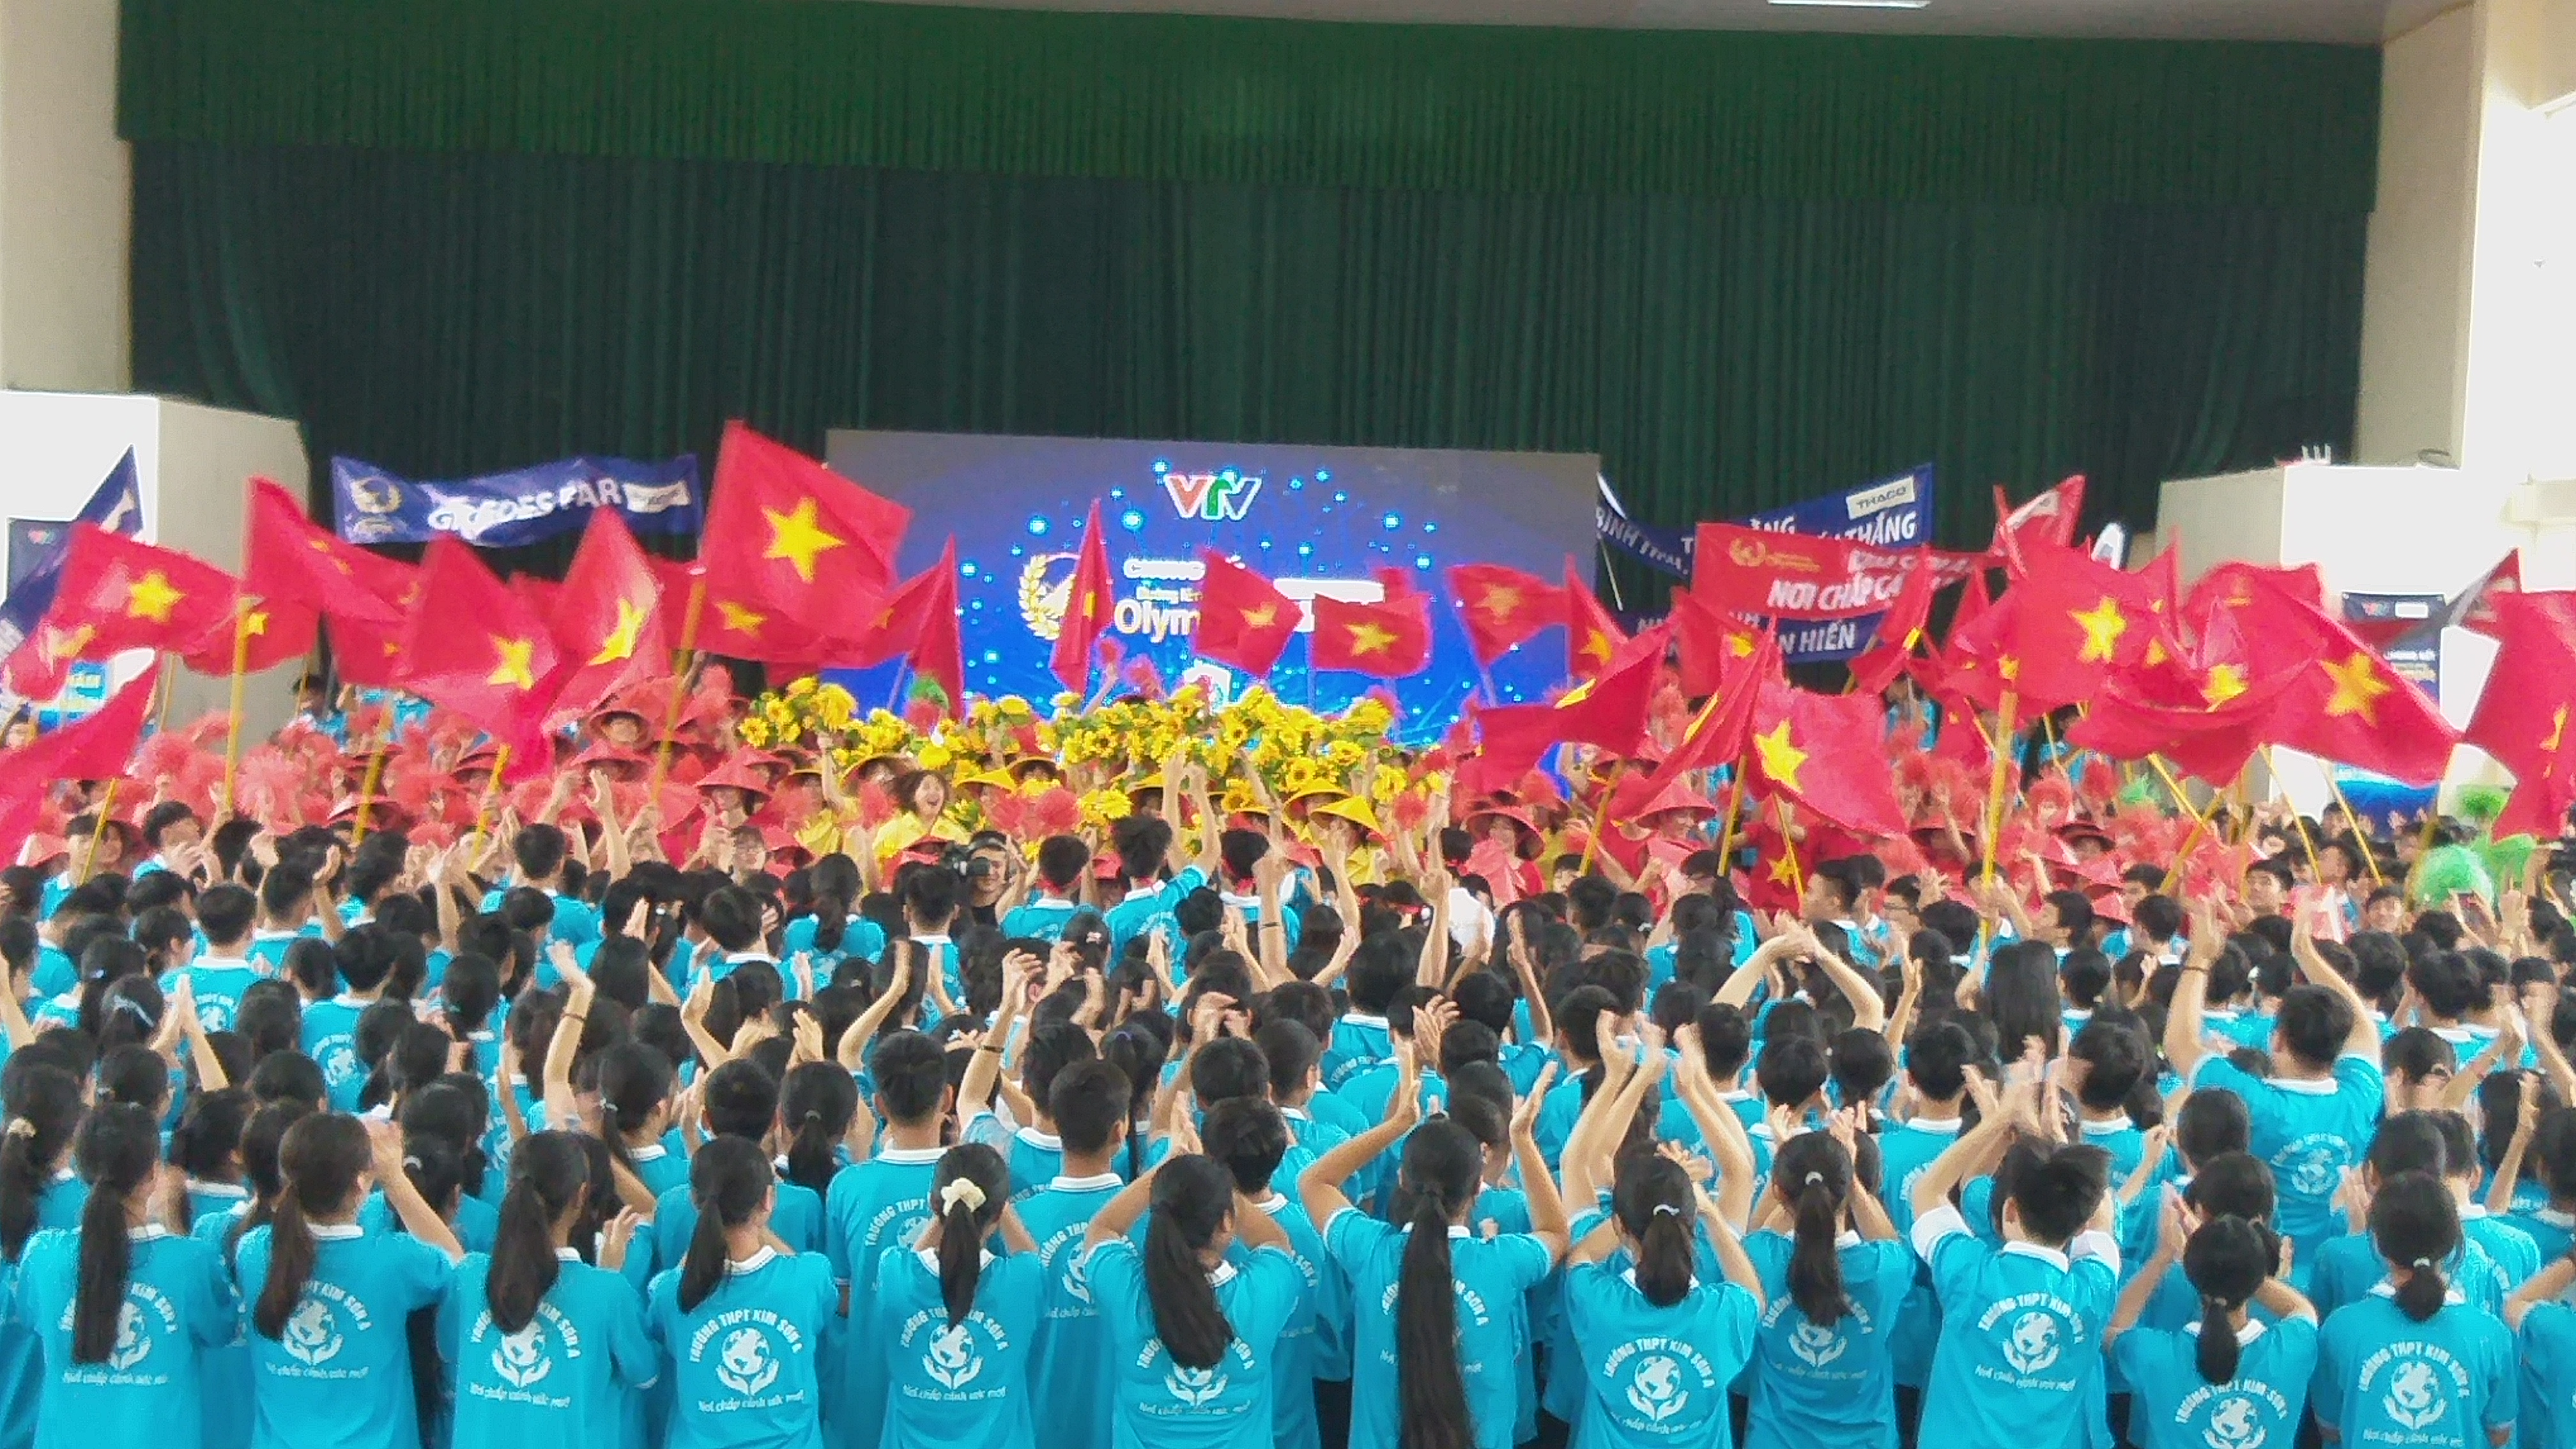 Xuất sắc về đích thí sinh Ninh Bình giành vòng nguyệt quế Đường lên đỉnh Olympia  - Ảnh 5.